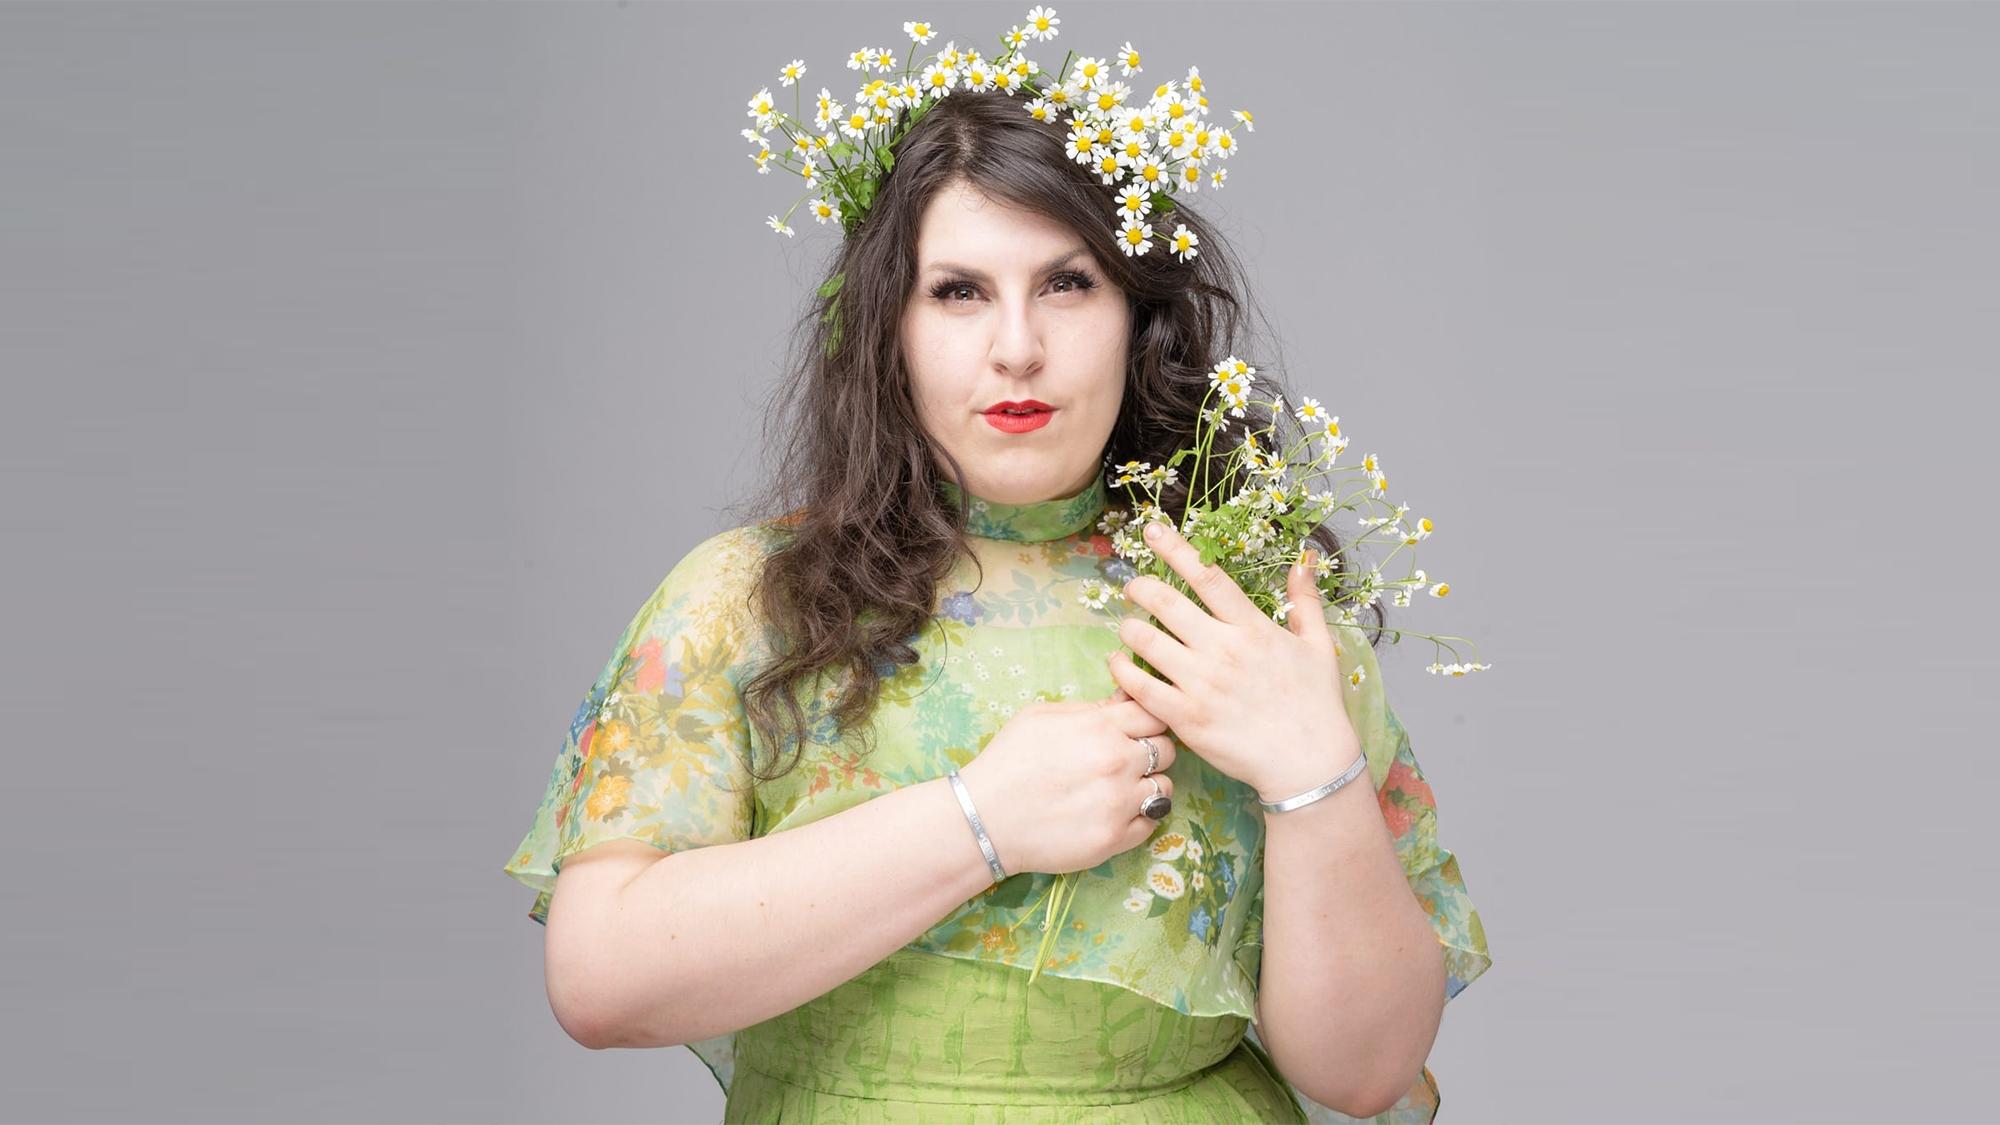 Florrie Bagel: Flower Power